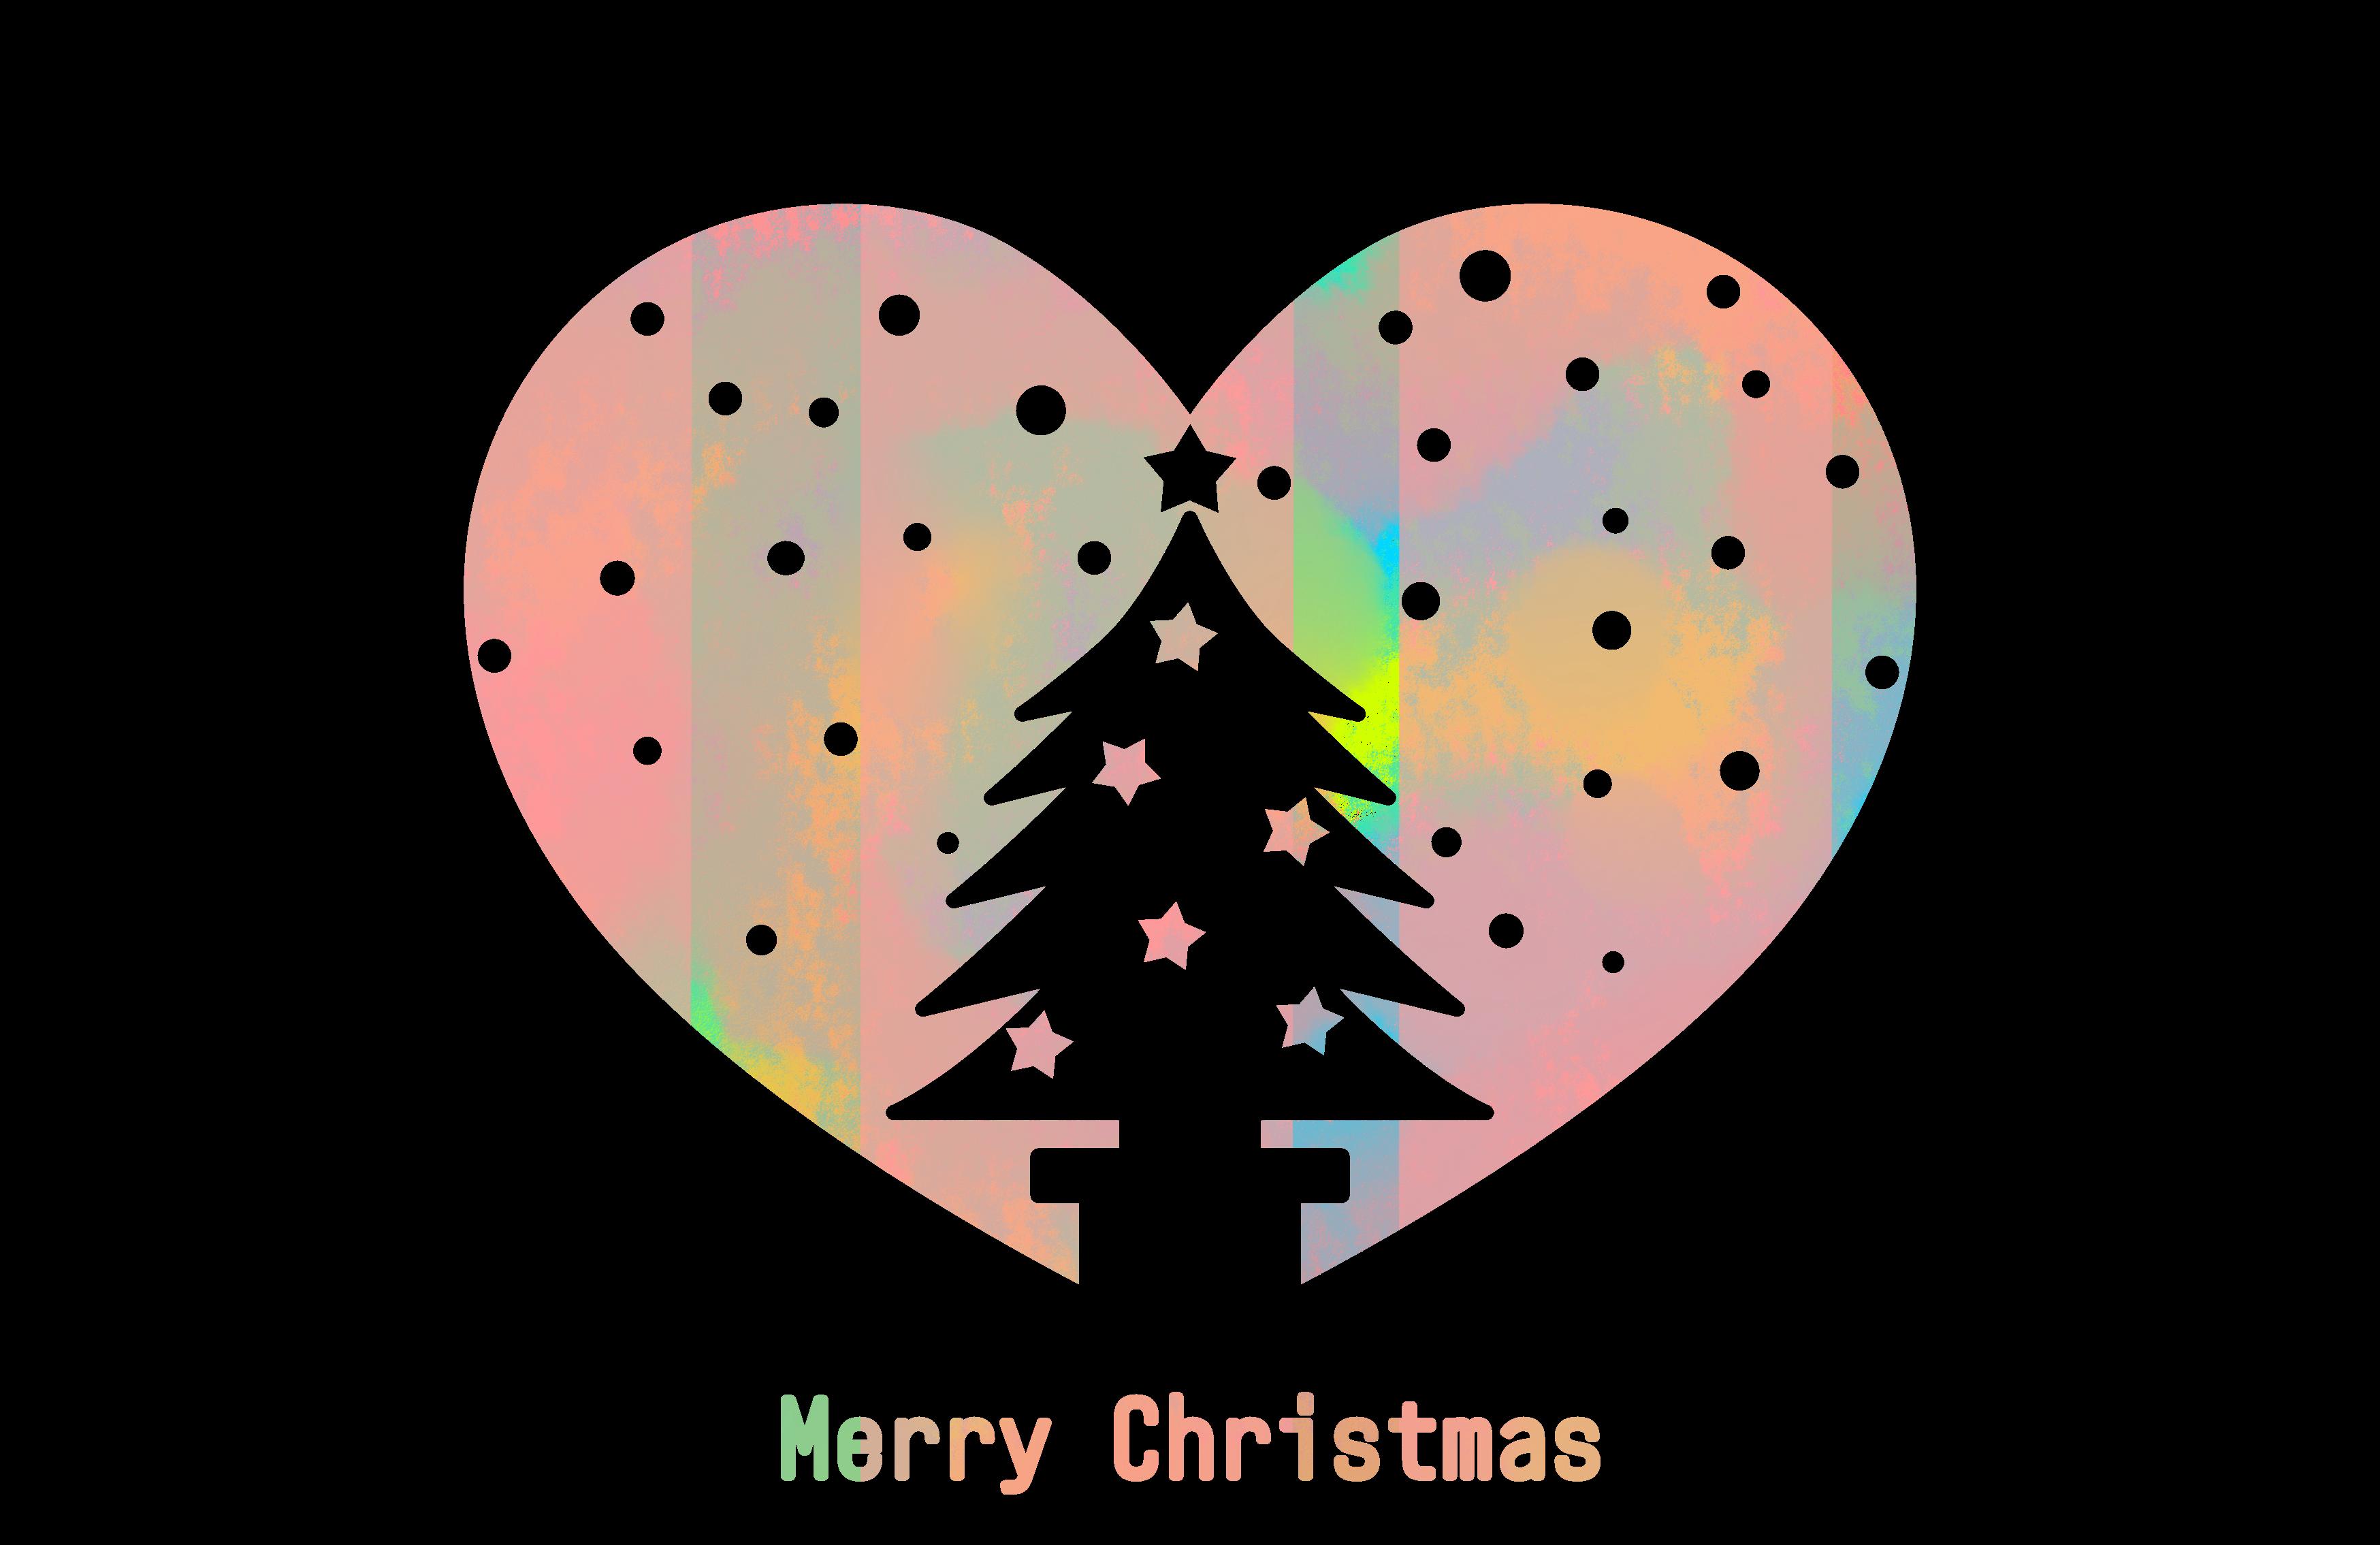 フリーイラスト素材 クリスマスツリーのシルエットハート : ハートの素材屋